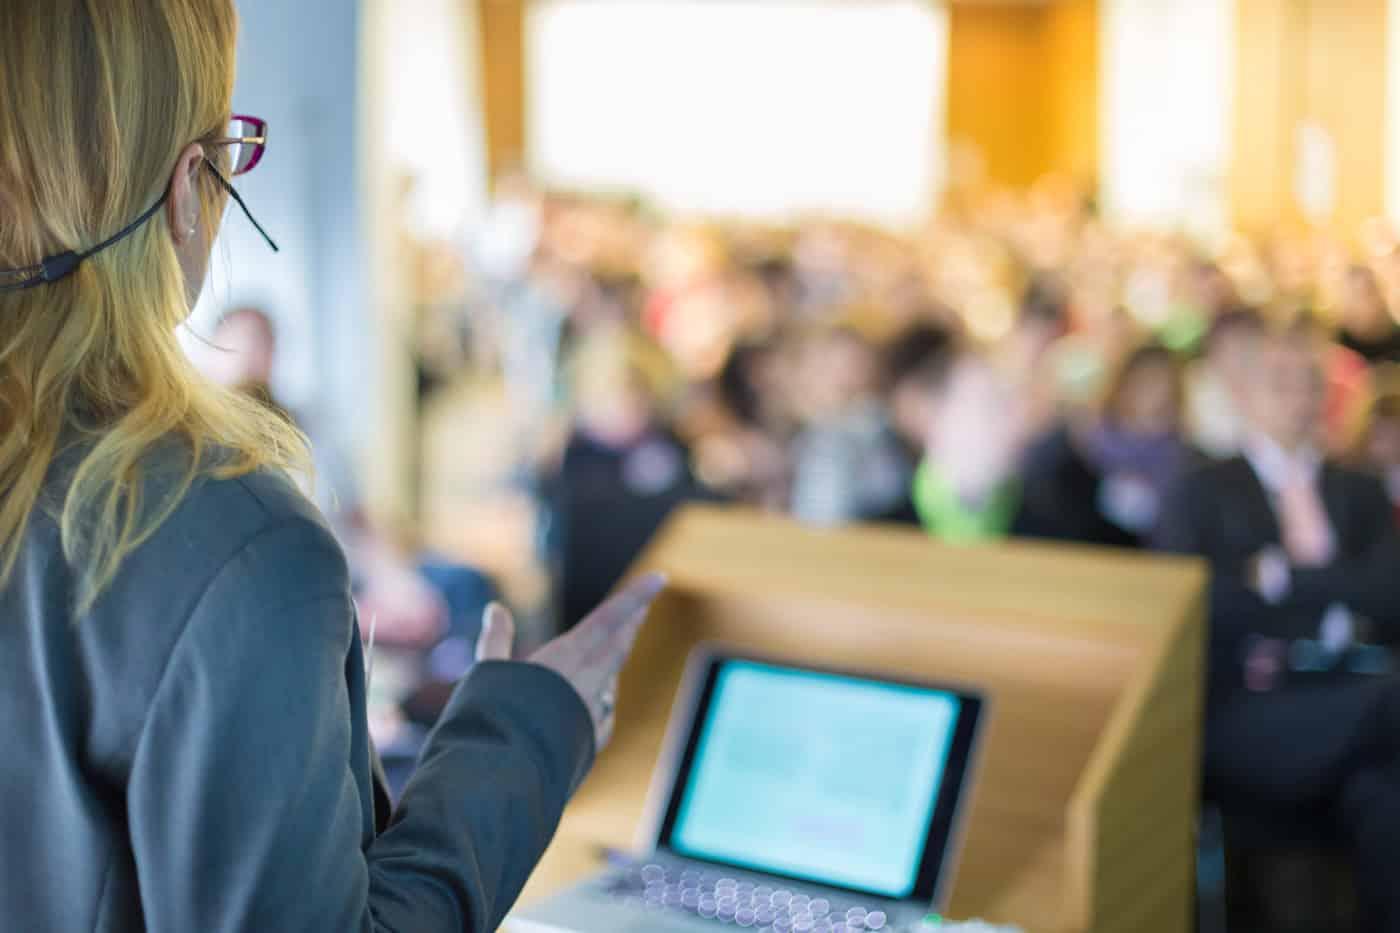 Erstellung von Powerpoint (Keynote)-Präsentationen